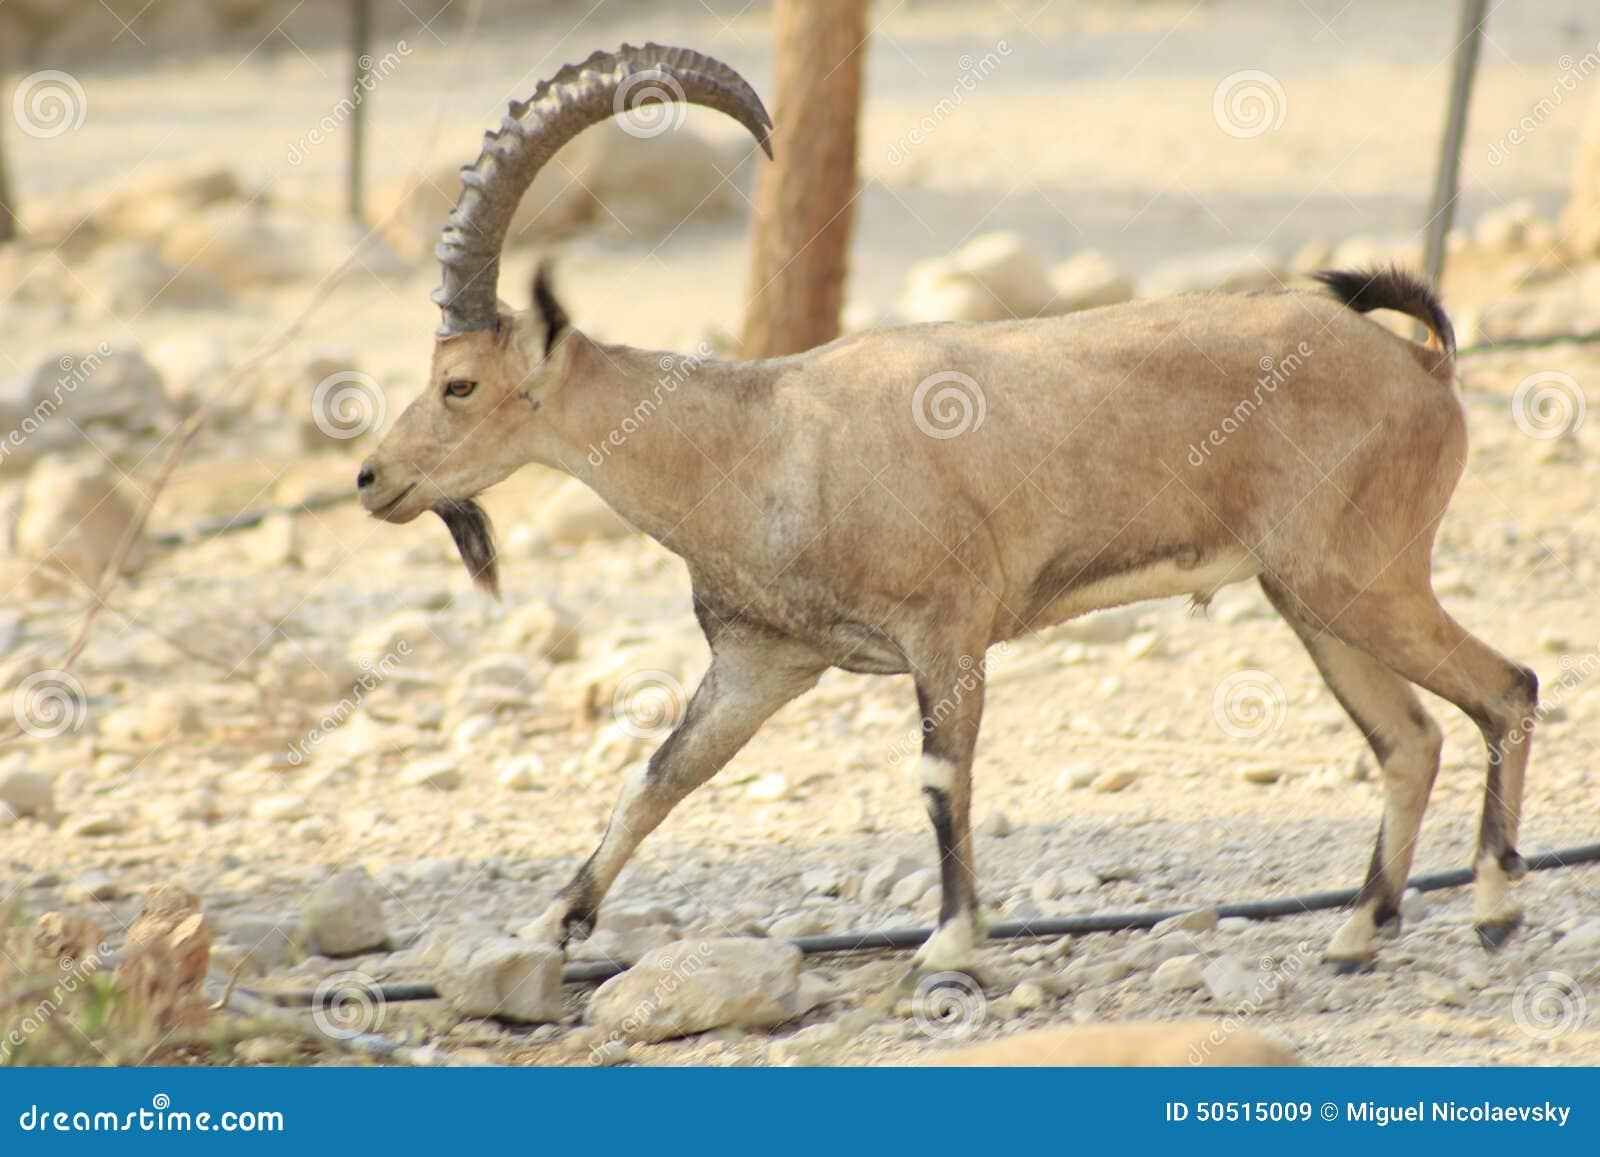 Cabra montés salvaje de Ein Gedi en el desierto de Judea, Tierra Santa